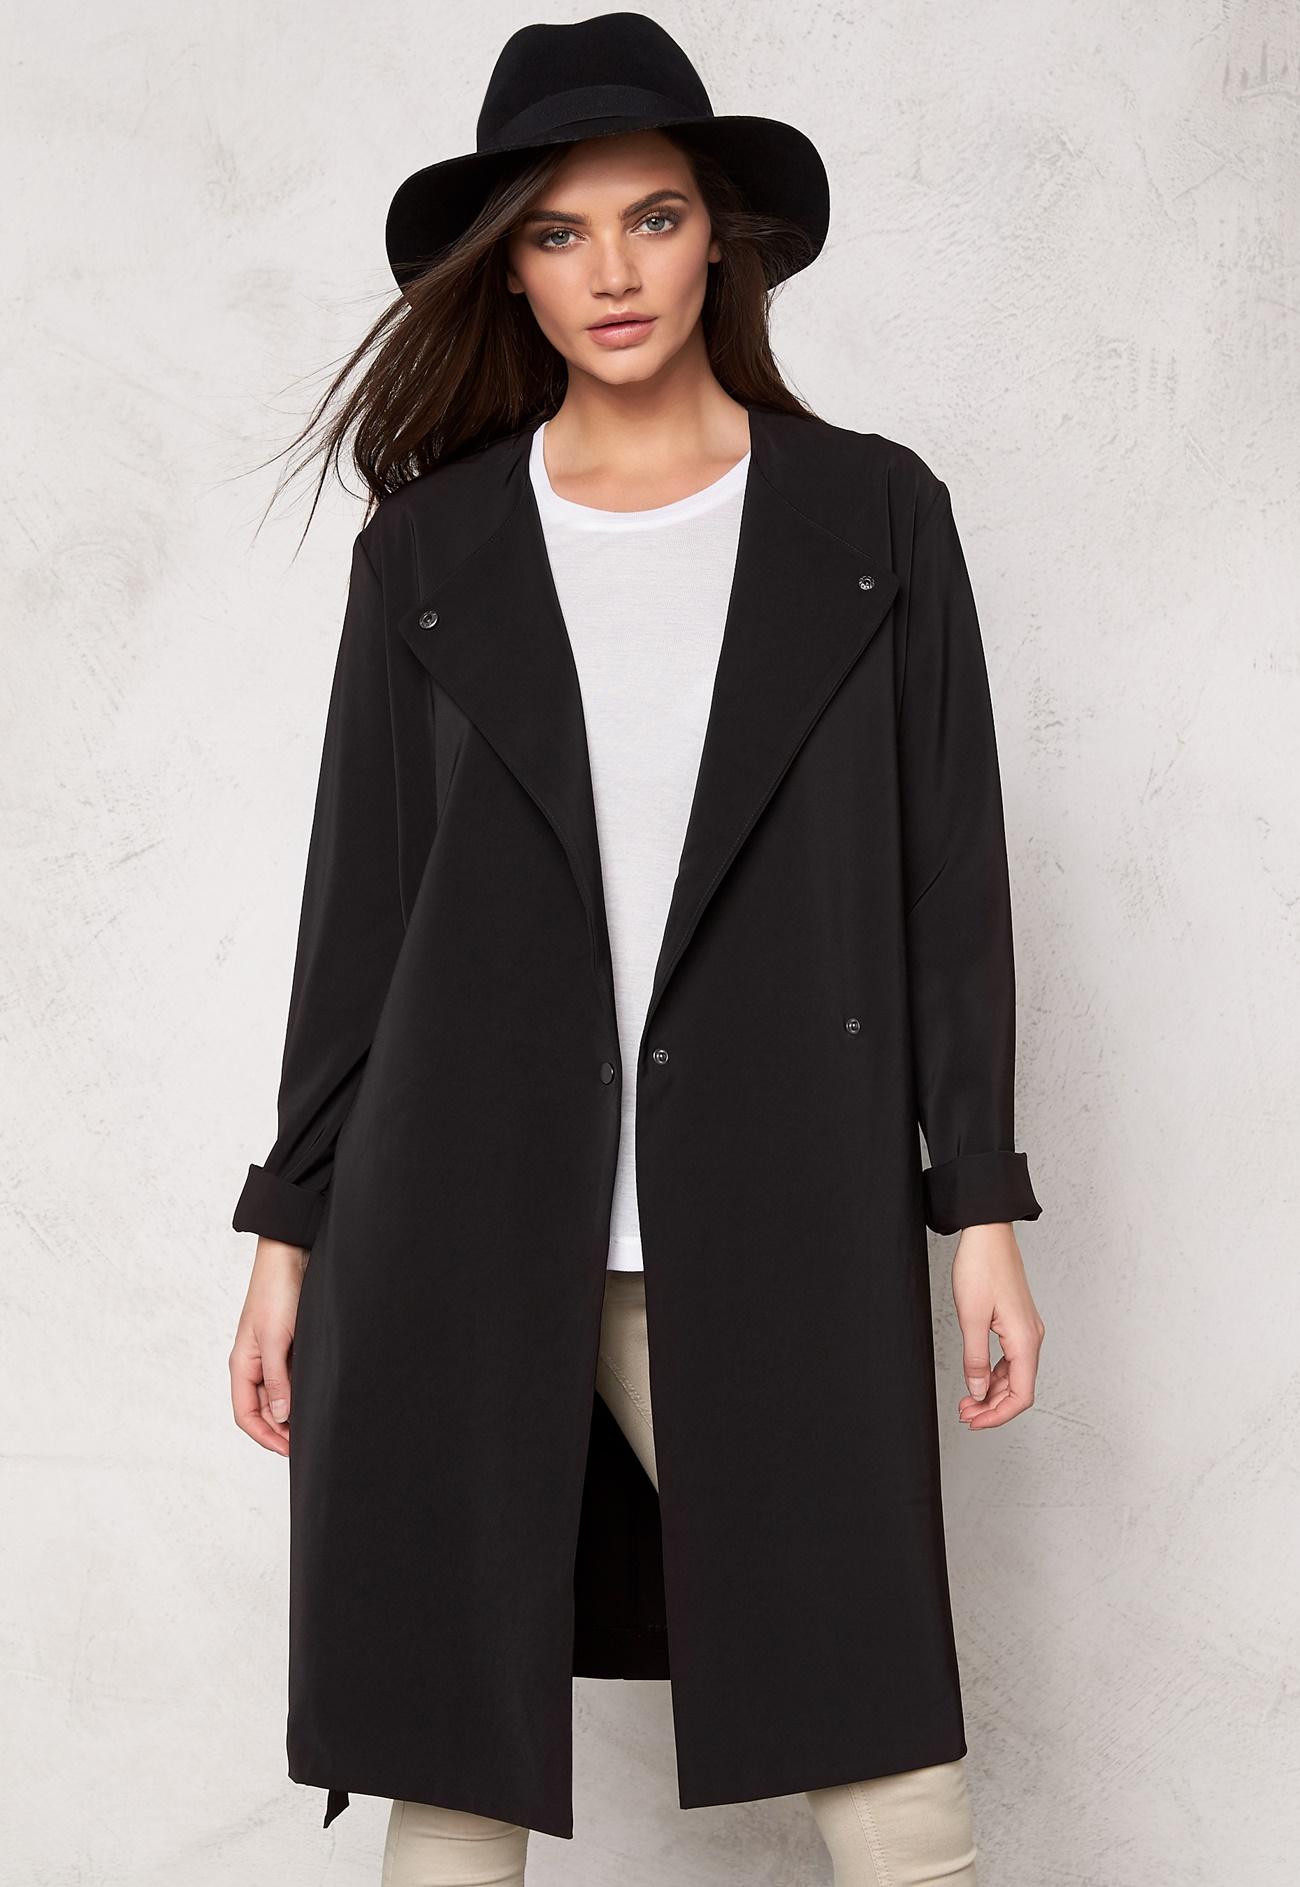 Samsøe & Samsøe Ria Long Jacket Black - Bubbleroom